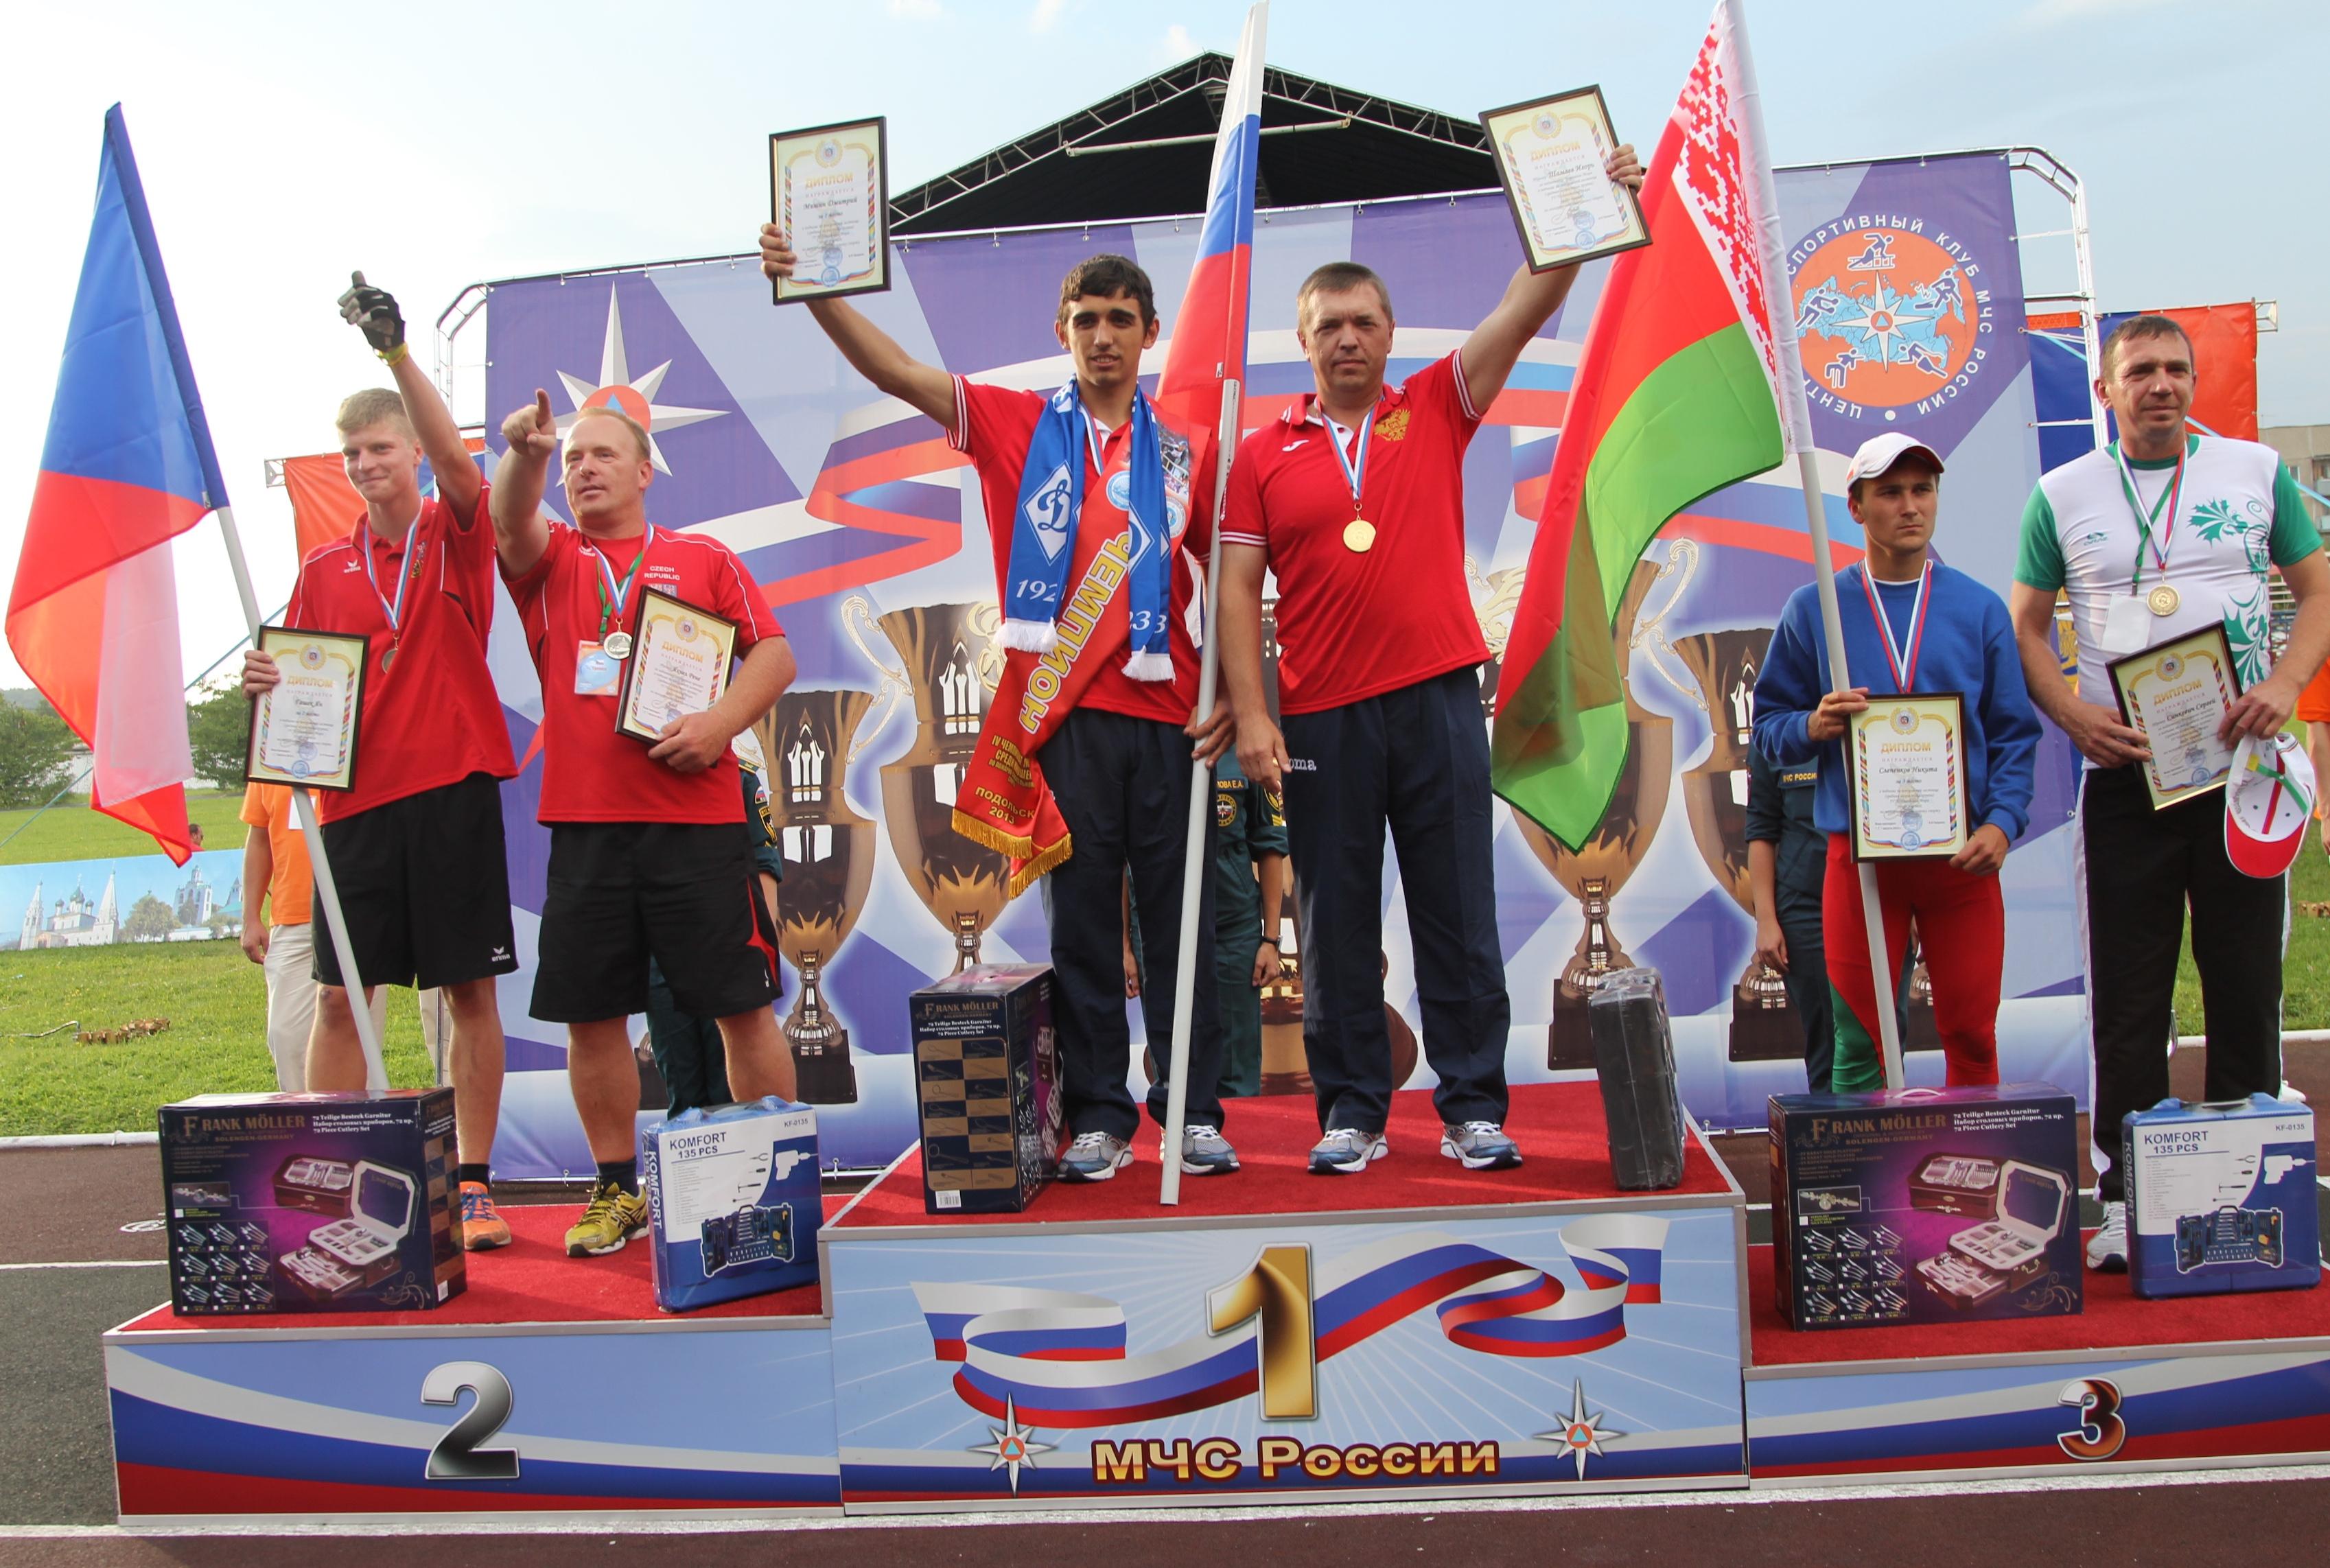 Сборная России завоевала первые золотые медали на Чемпионате мира среди юношей по пожарно-спасательному спорту.